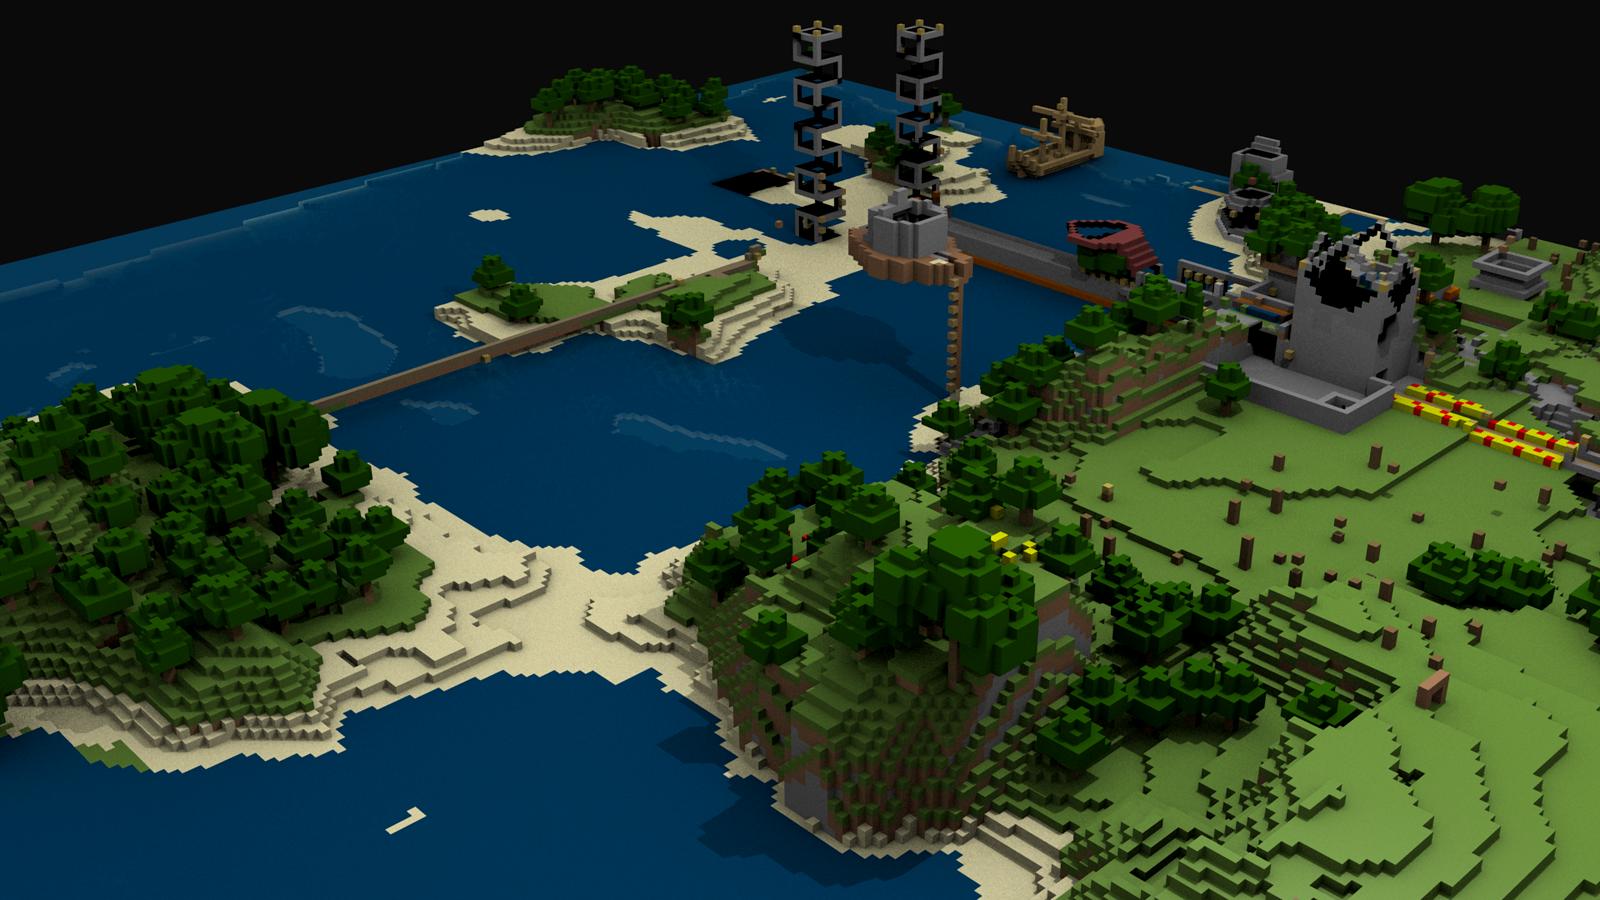 Hd Minecraft Wallpaper buana 1600x900